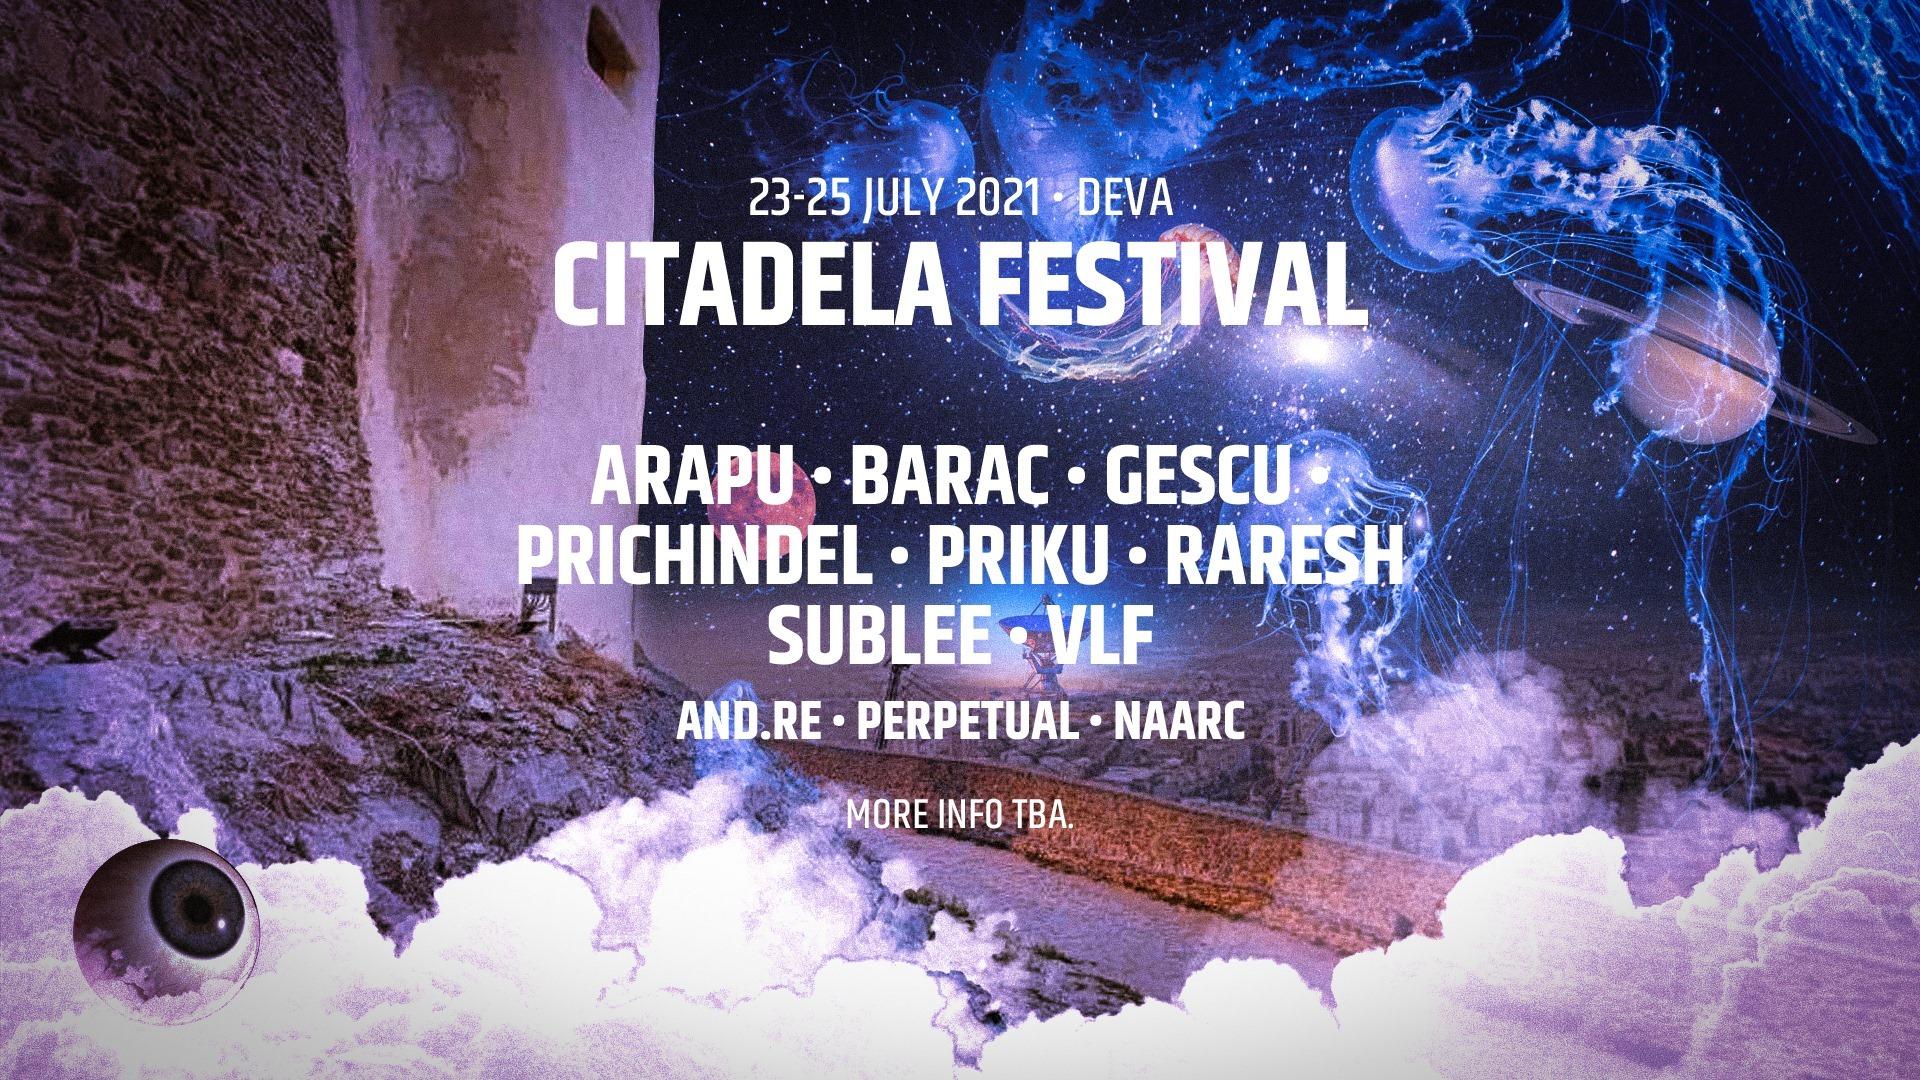 Citadela Festival 2021 - line up